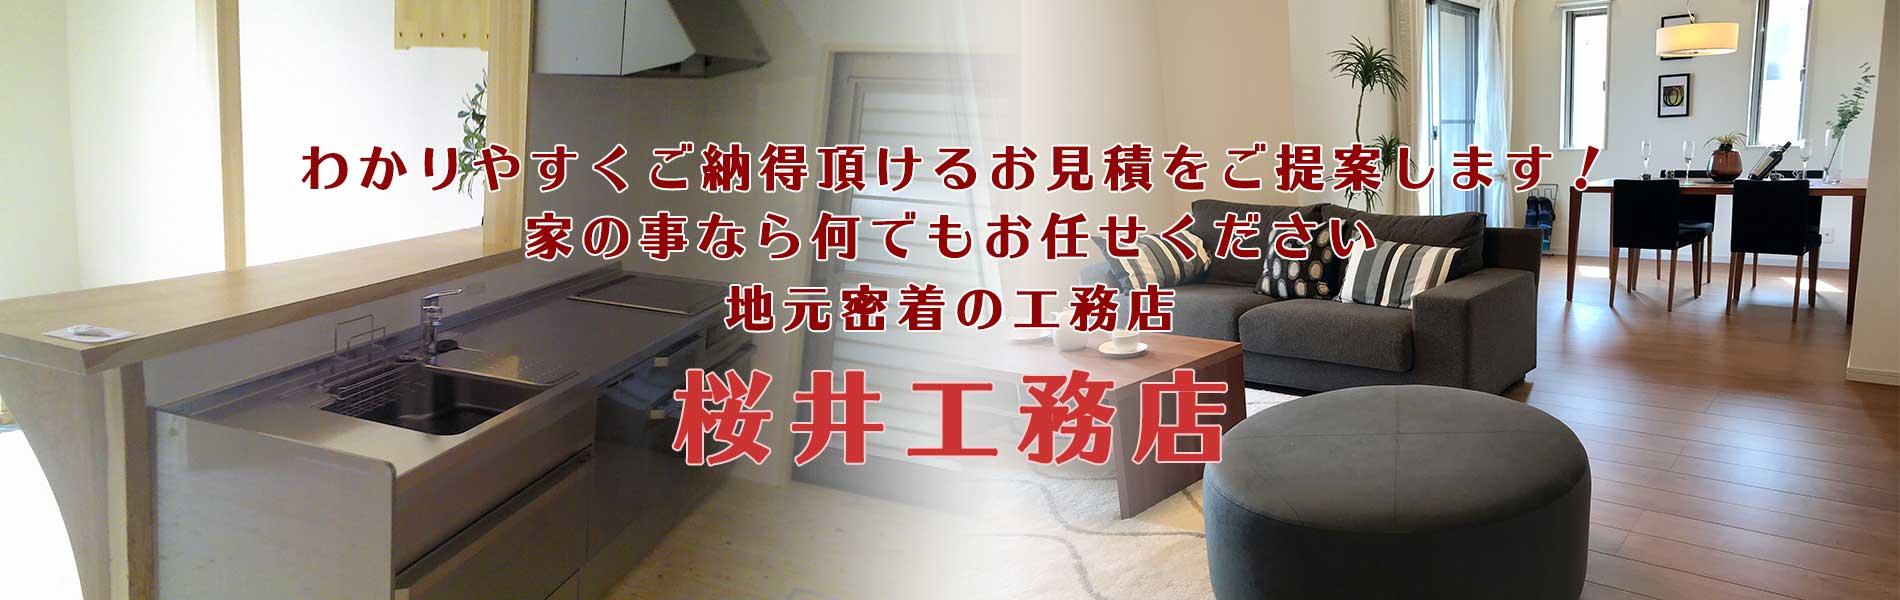 滋賀県大津市の工務店・大工・桜井工務店